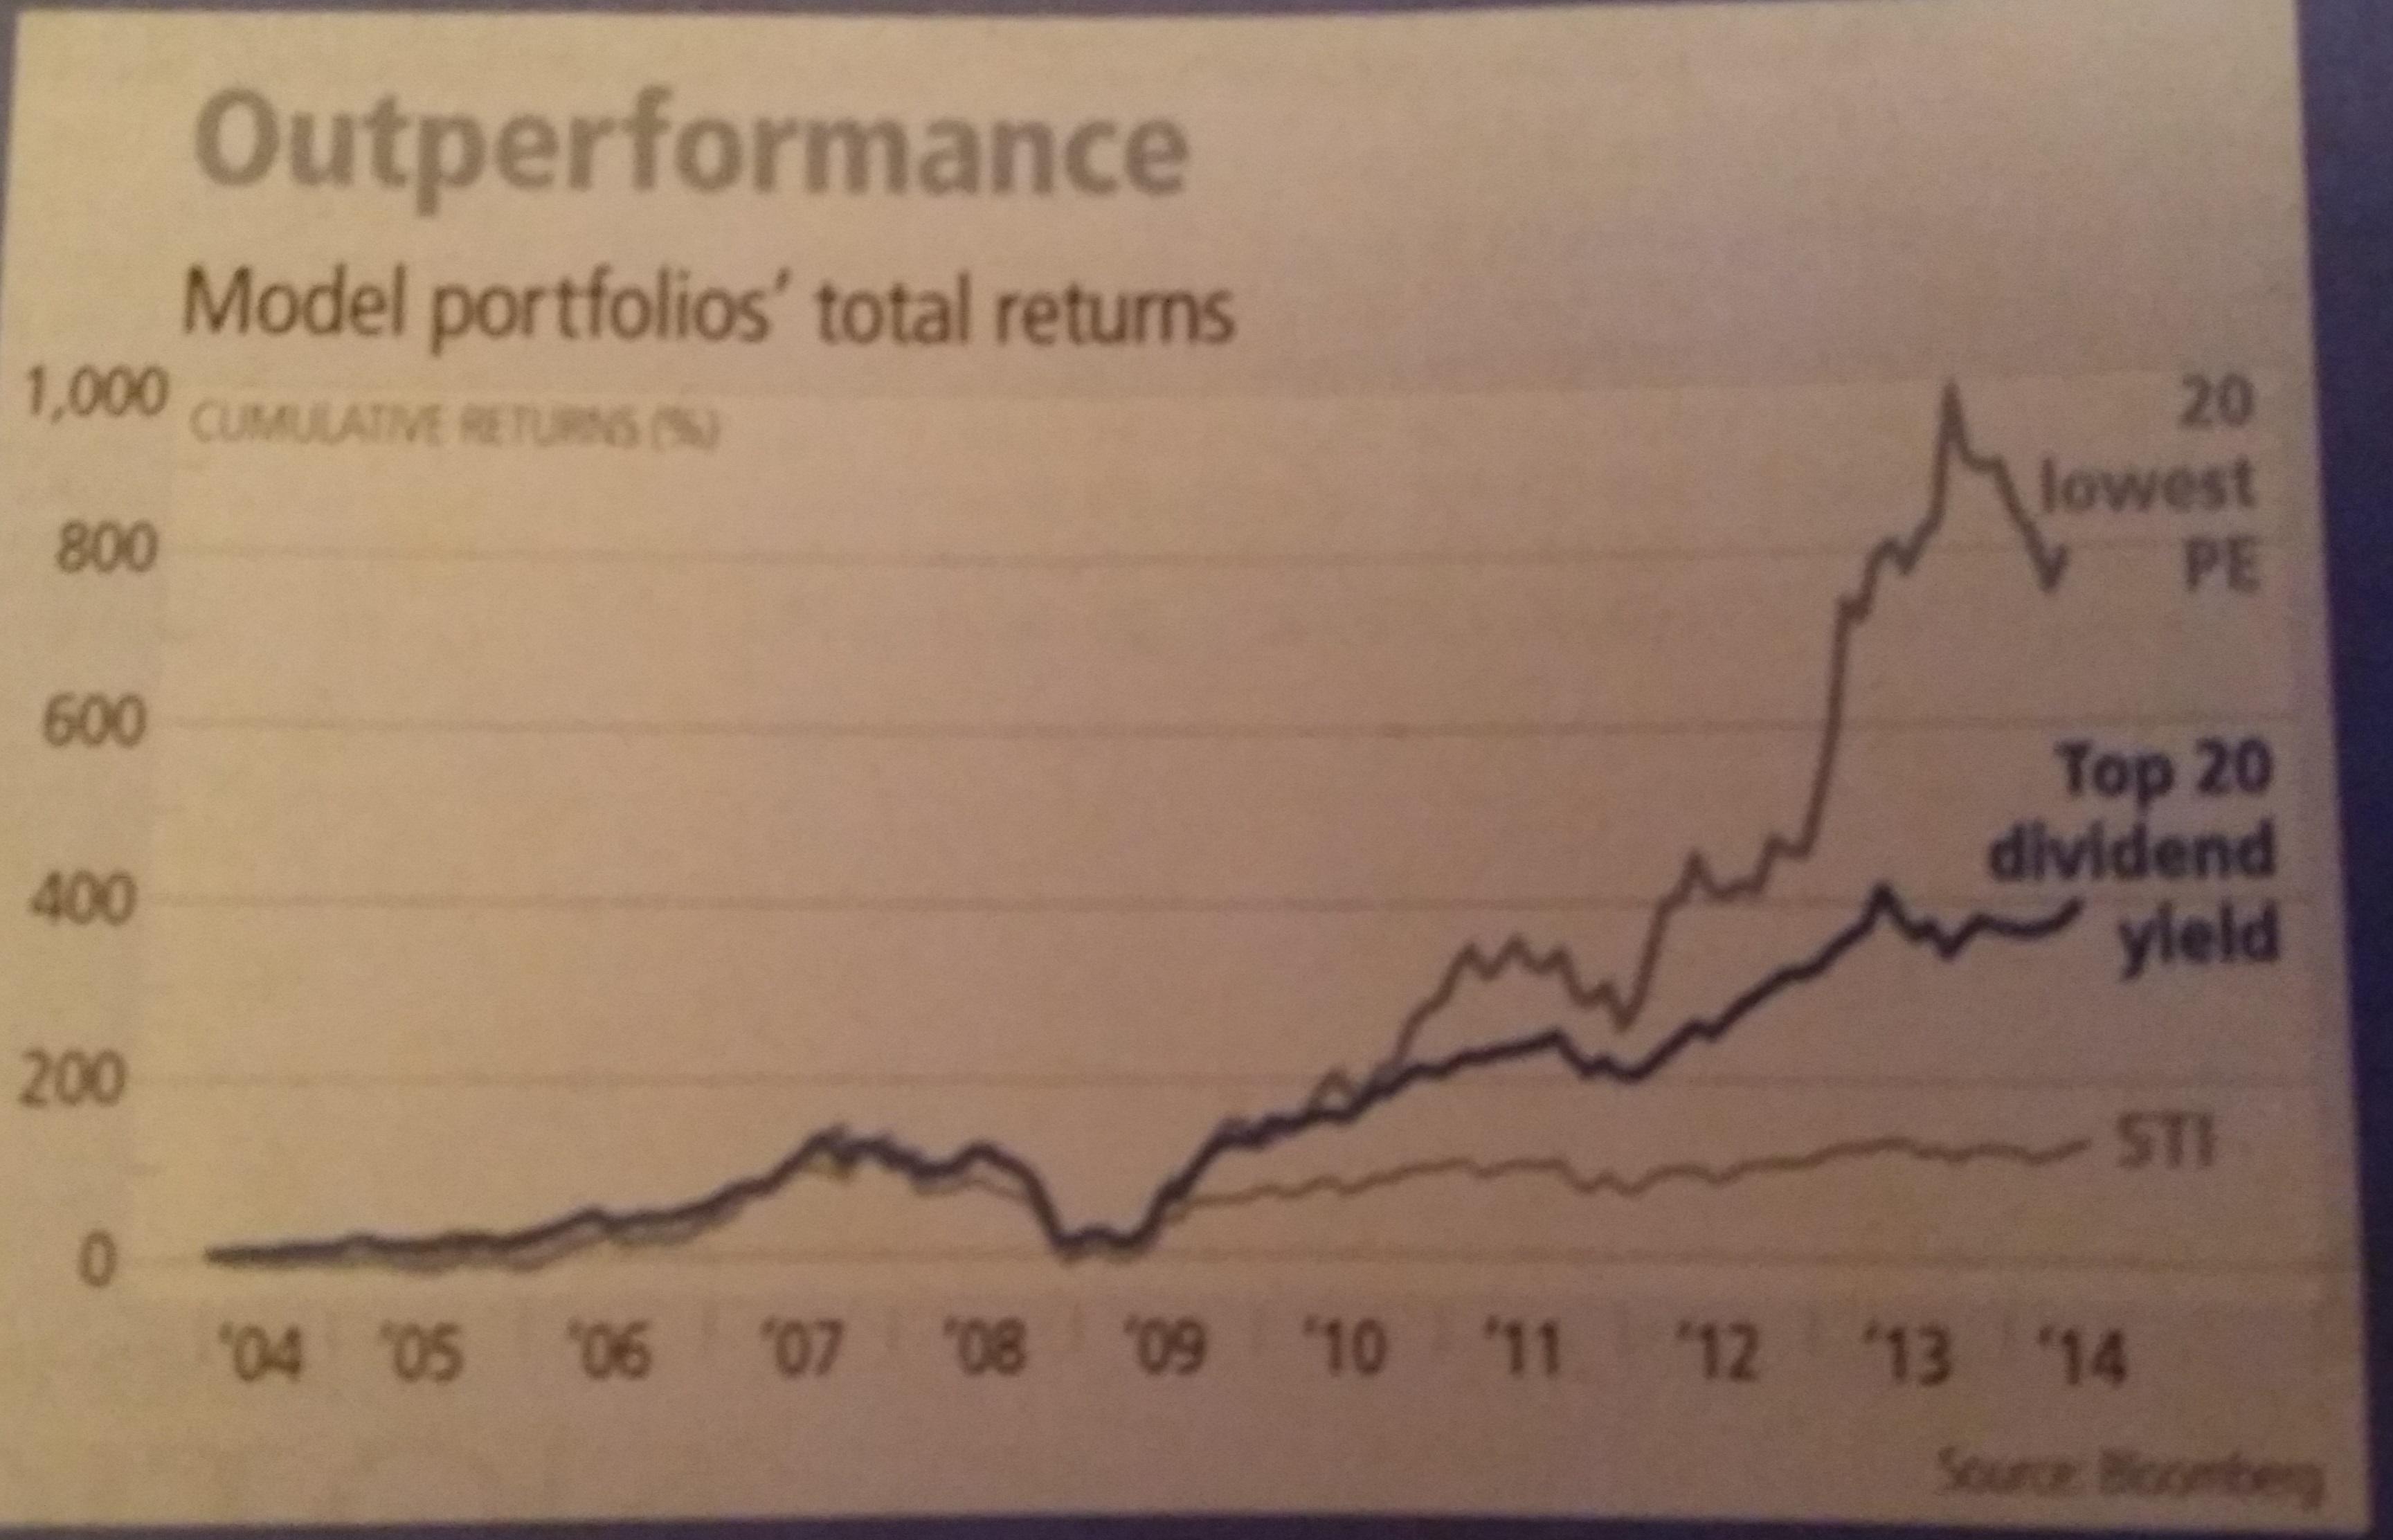 sgx model portfolio chart